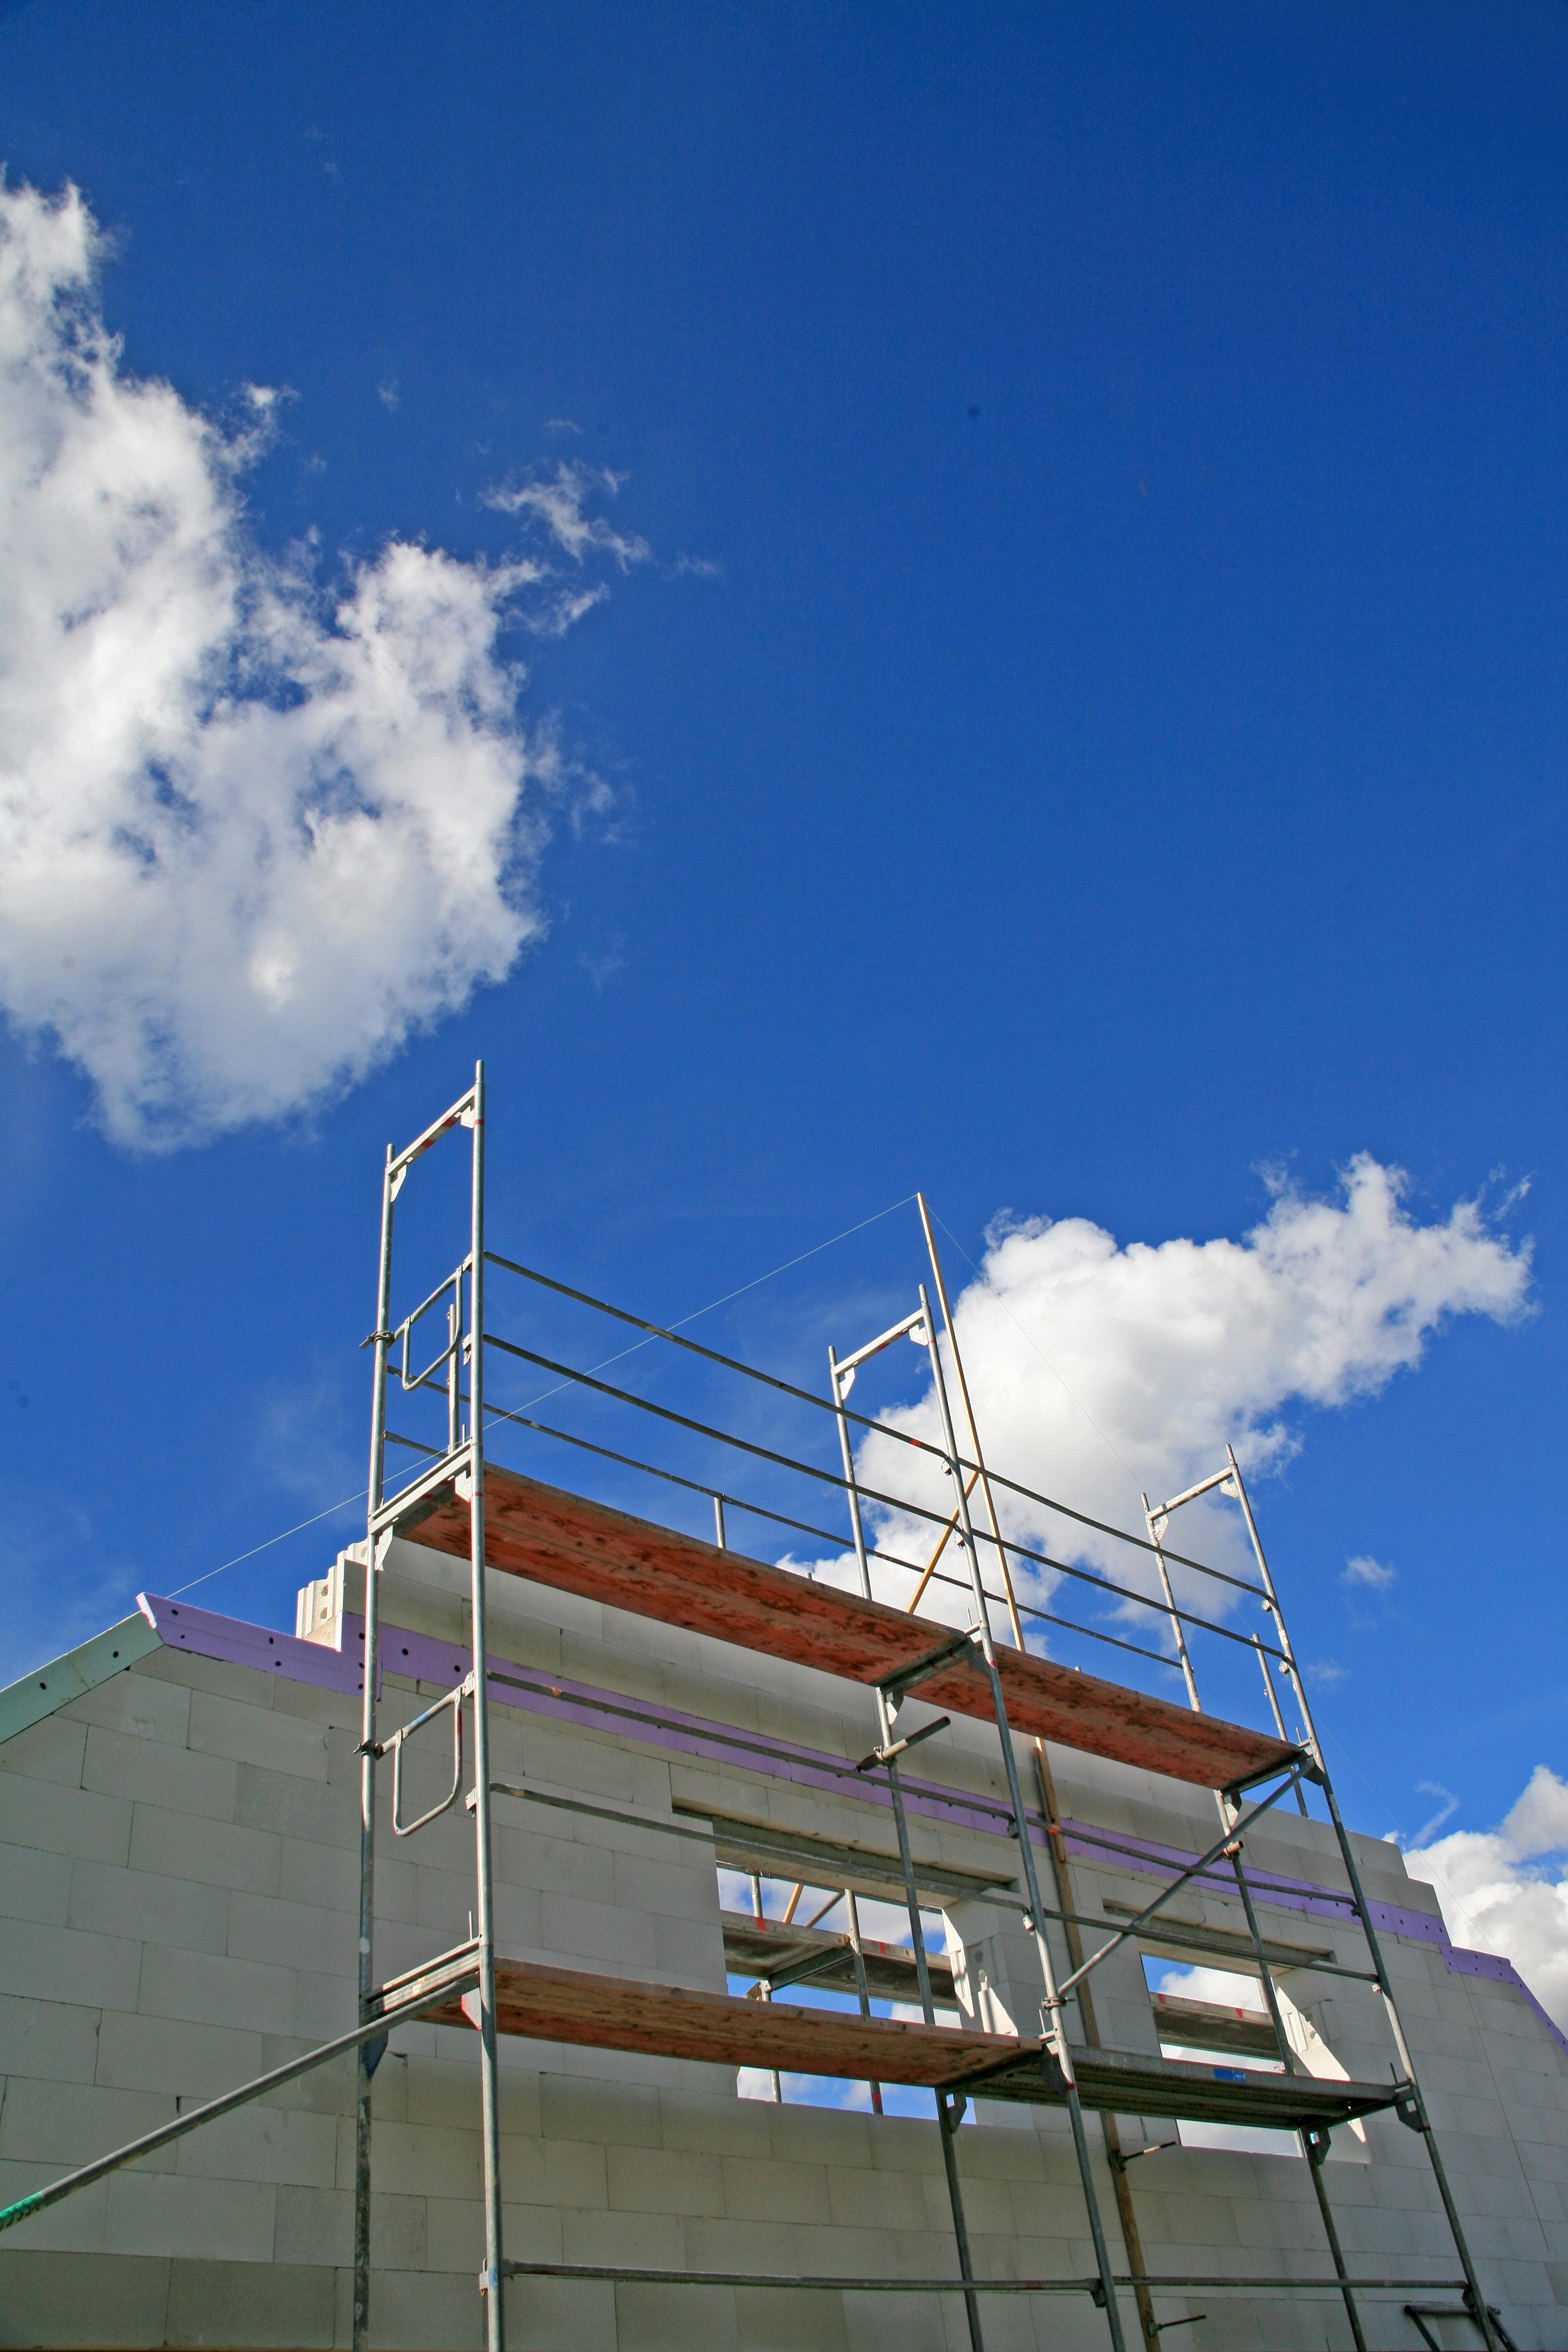 Fenster einbauen lassen ohne sch den zu g nstigen preisen - Fenster in tragende wand einbauen ...